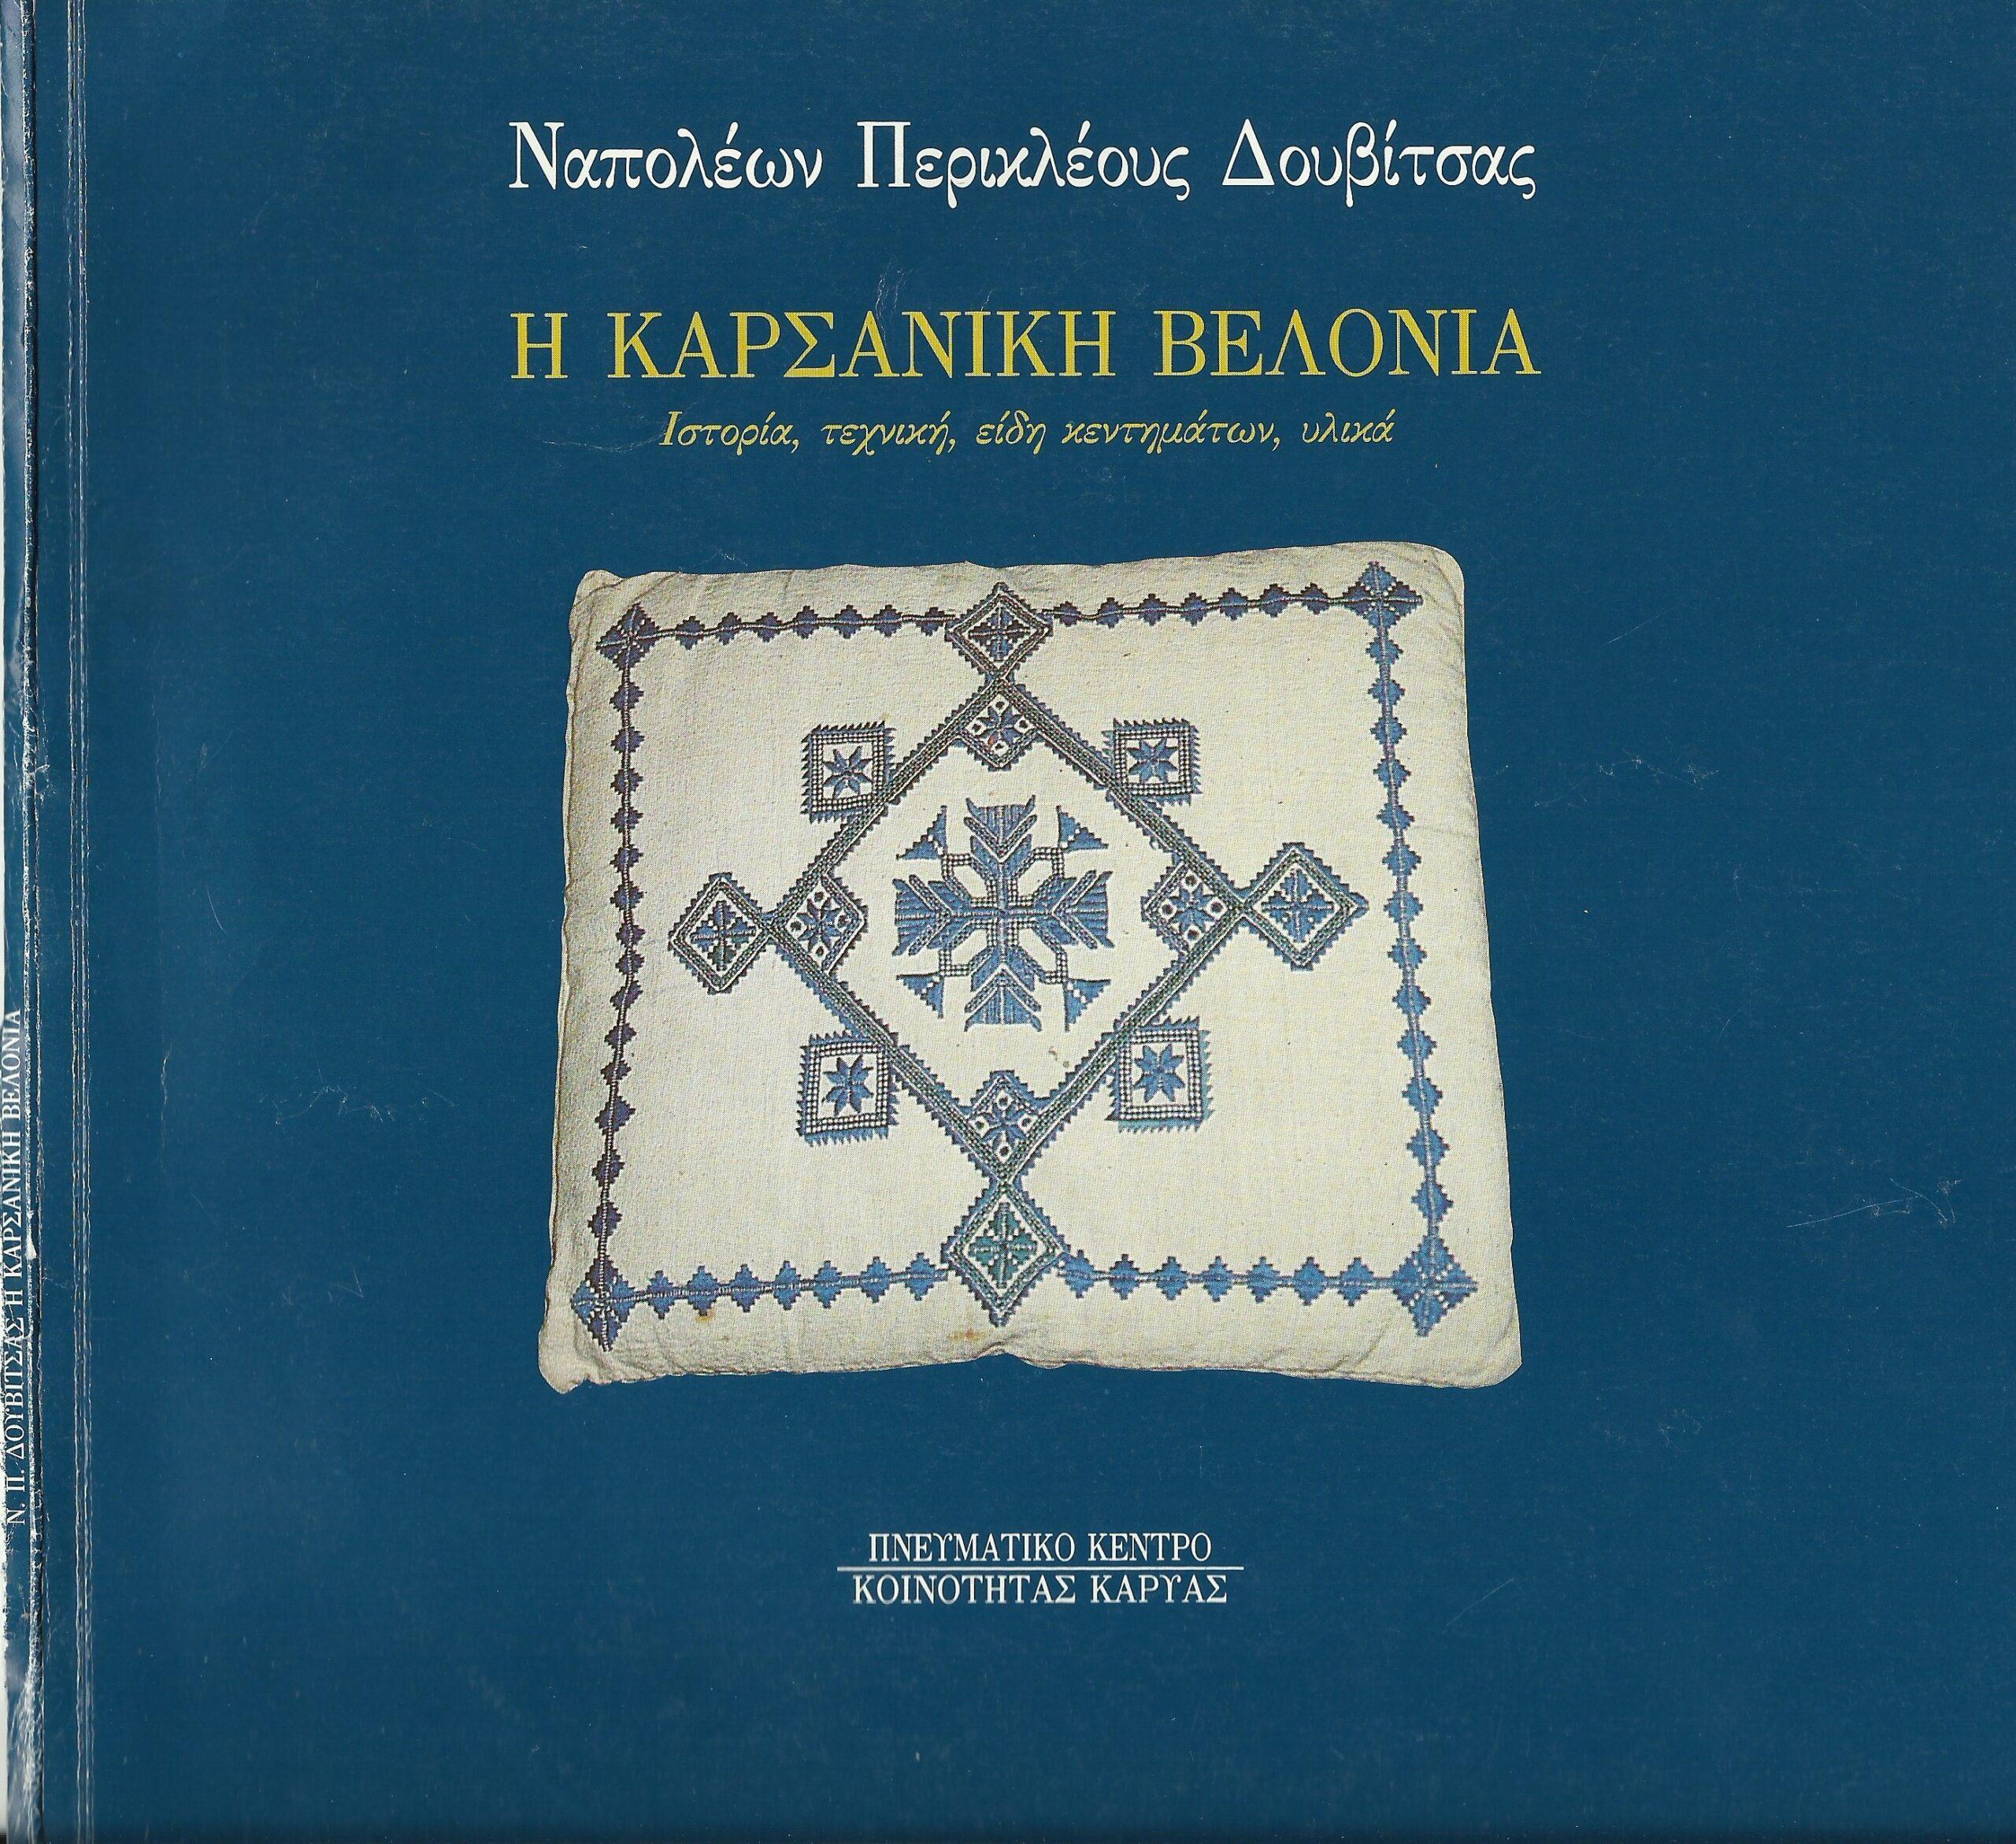 Διαβάστε την ιστορία της Καρσάνικης Βελονιάς από τον Ν.Π. Δουβίτσα